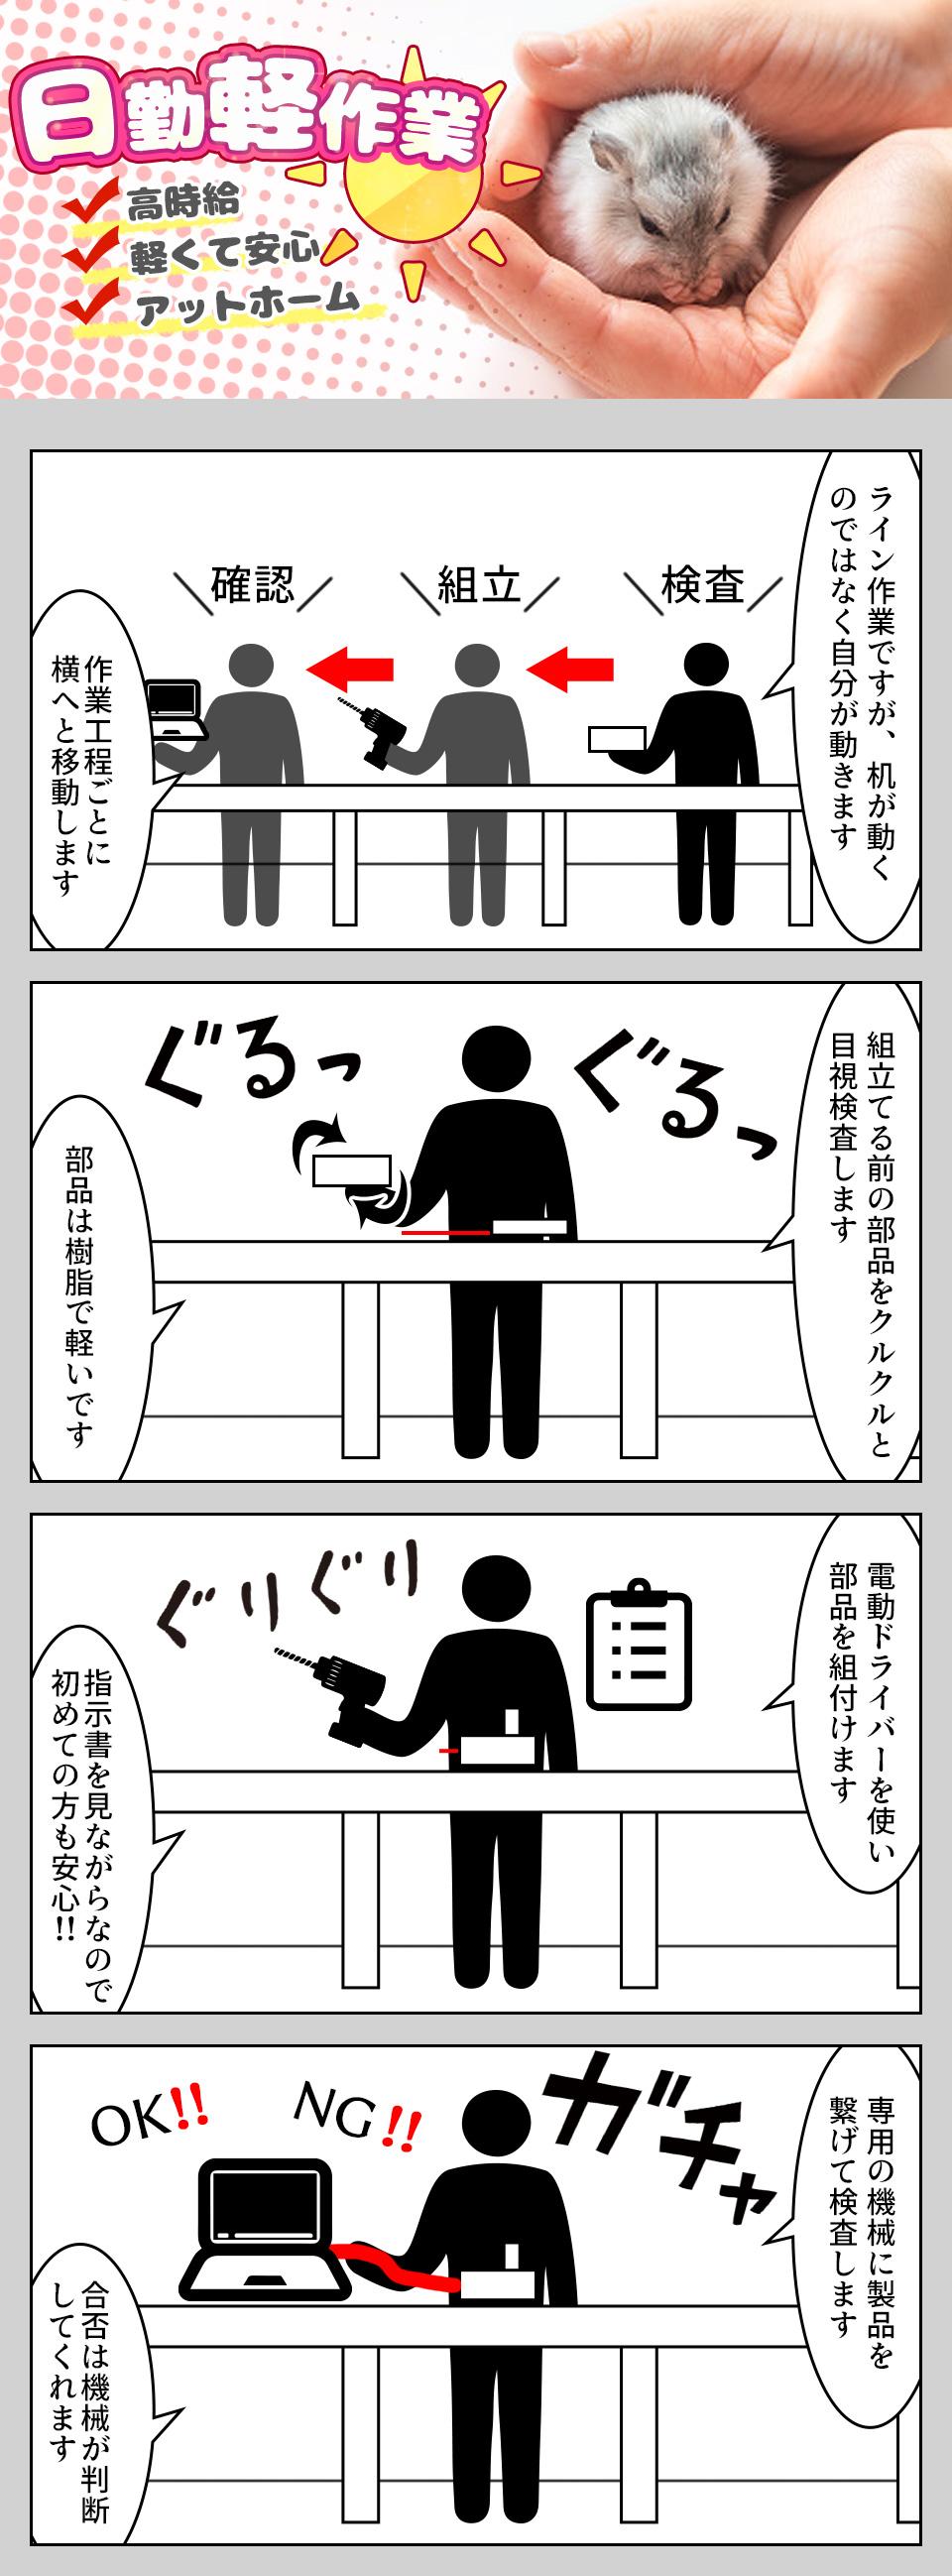 樹脂製品の検査・組立・梱包 愛知県豊橋市の派遣社員求人